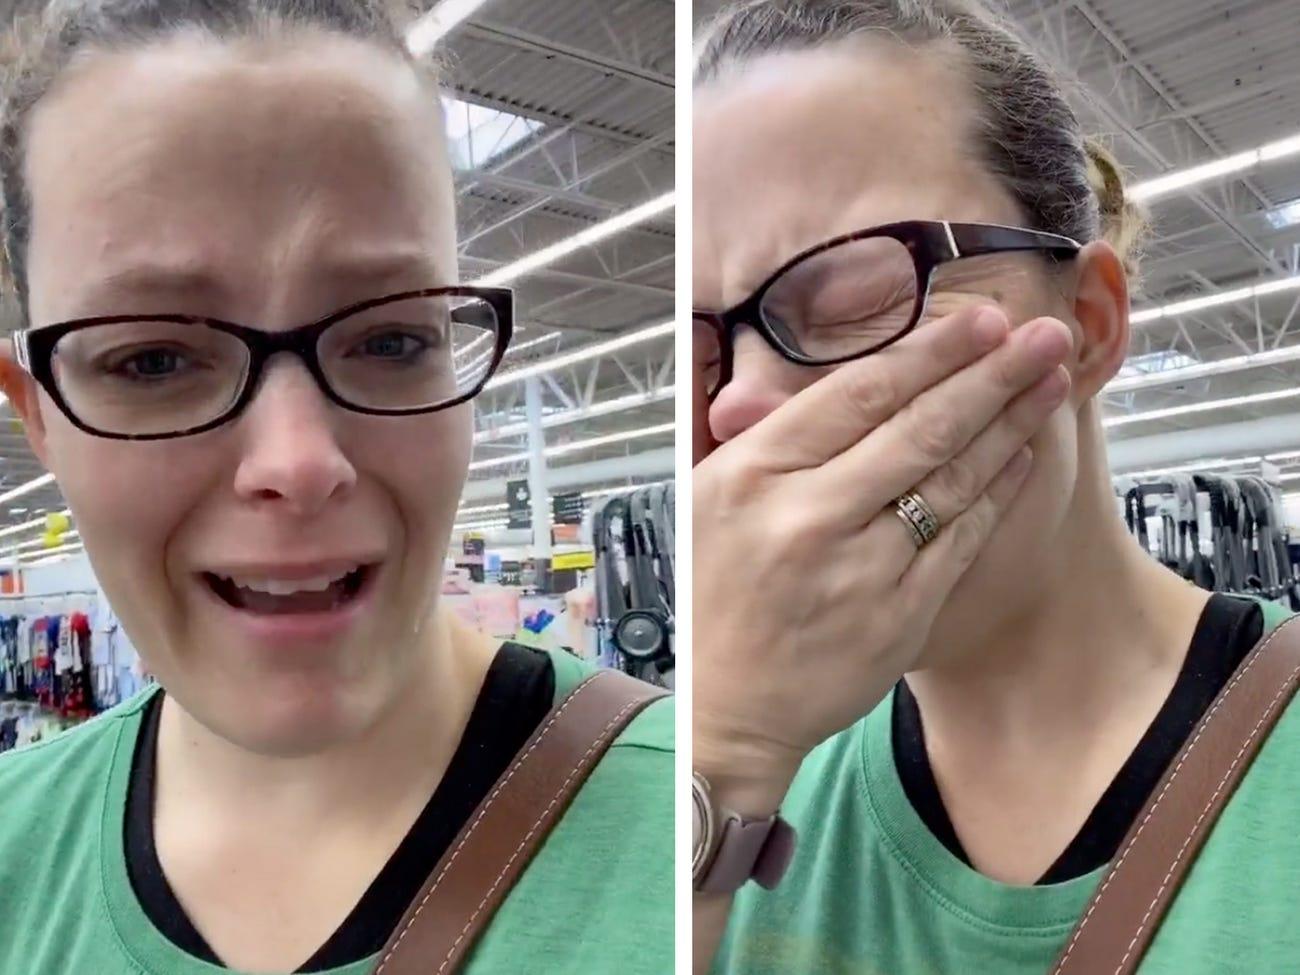 超市「尿布全被掃光」媽媽崩潰大哭 阿公「搶不贏年輕人」只能看空貨架發呆